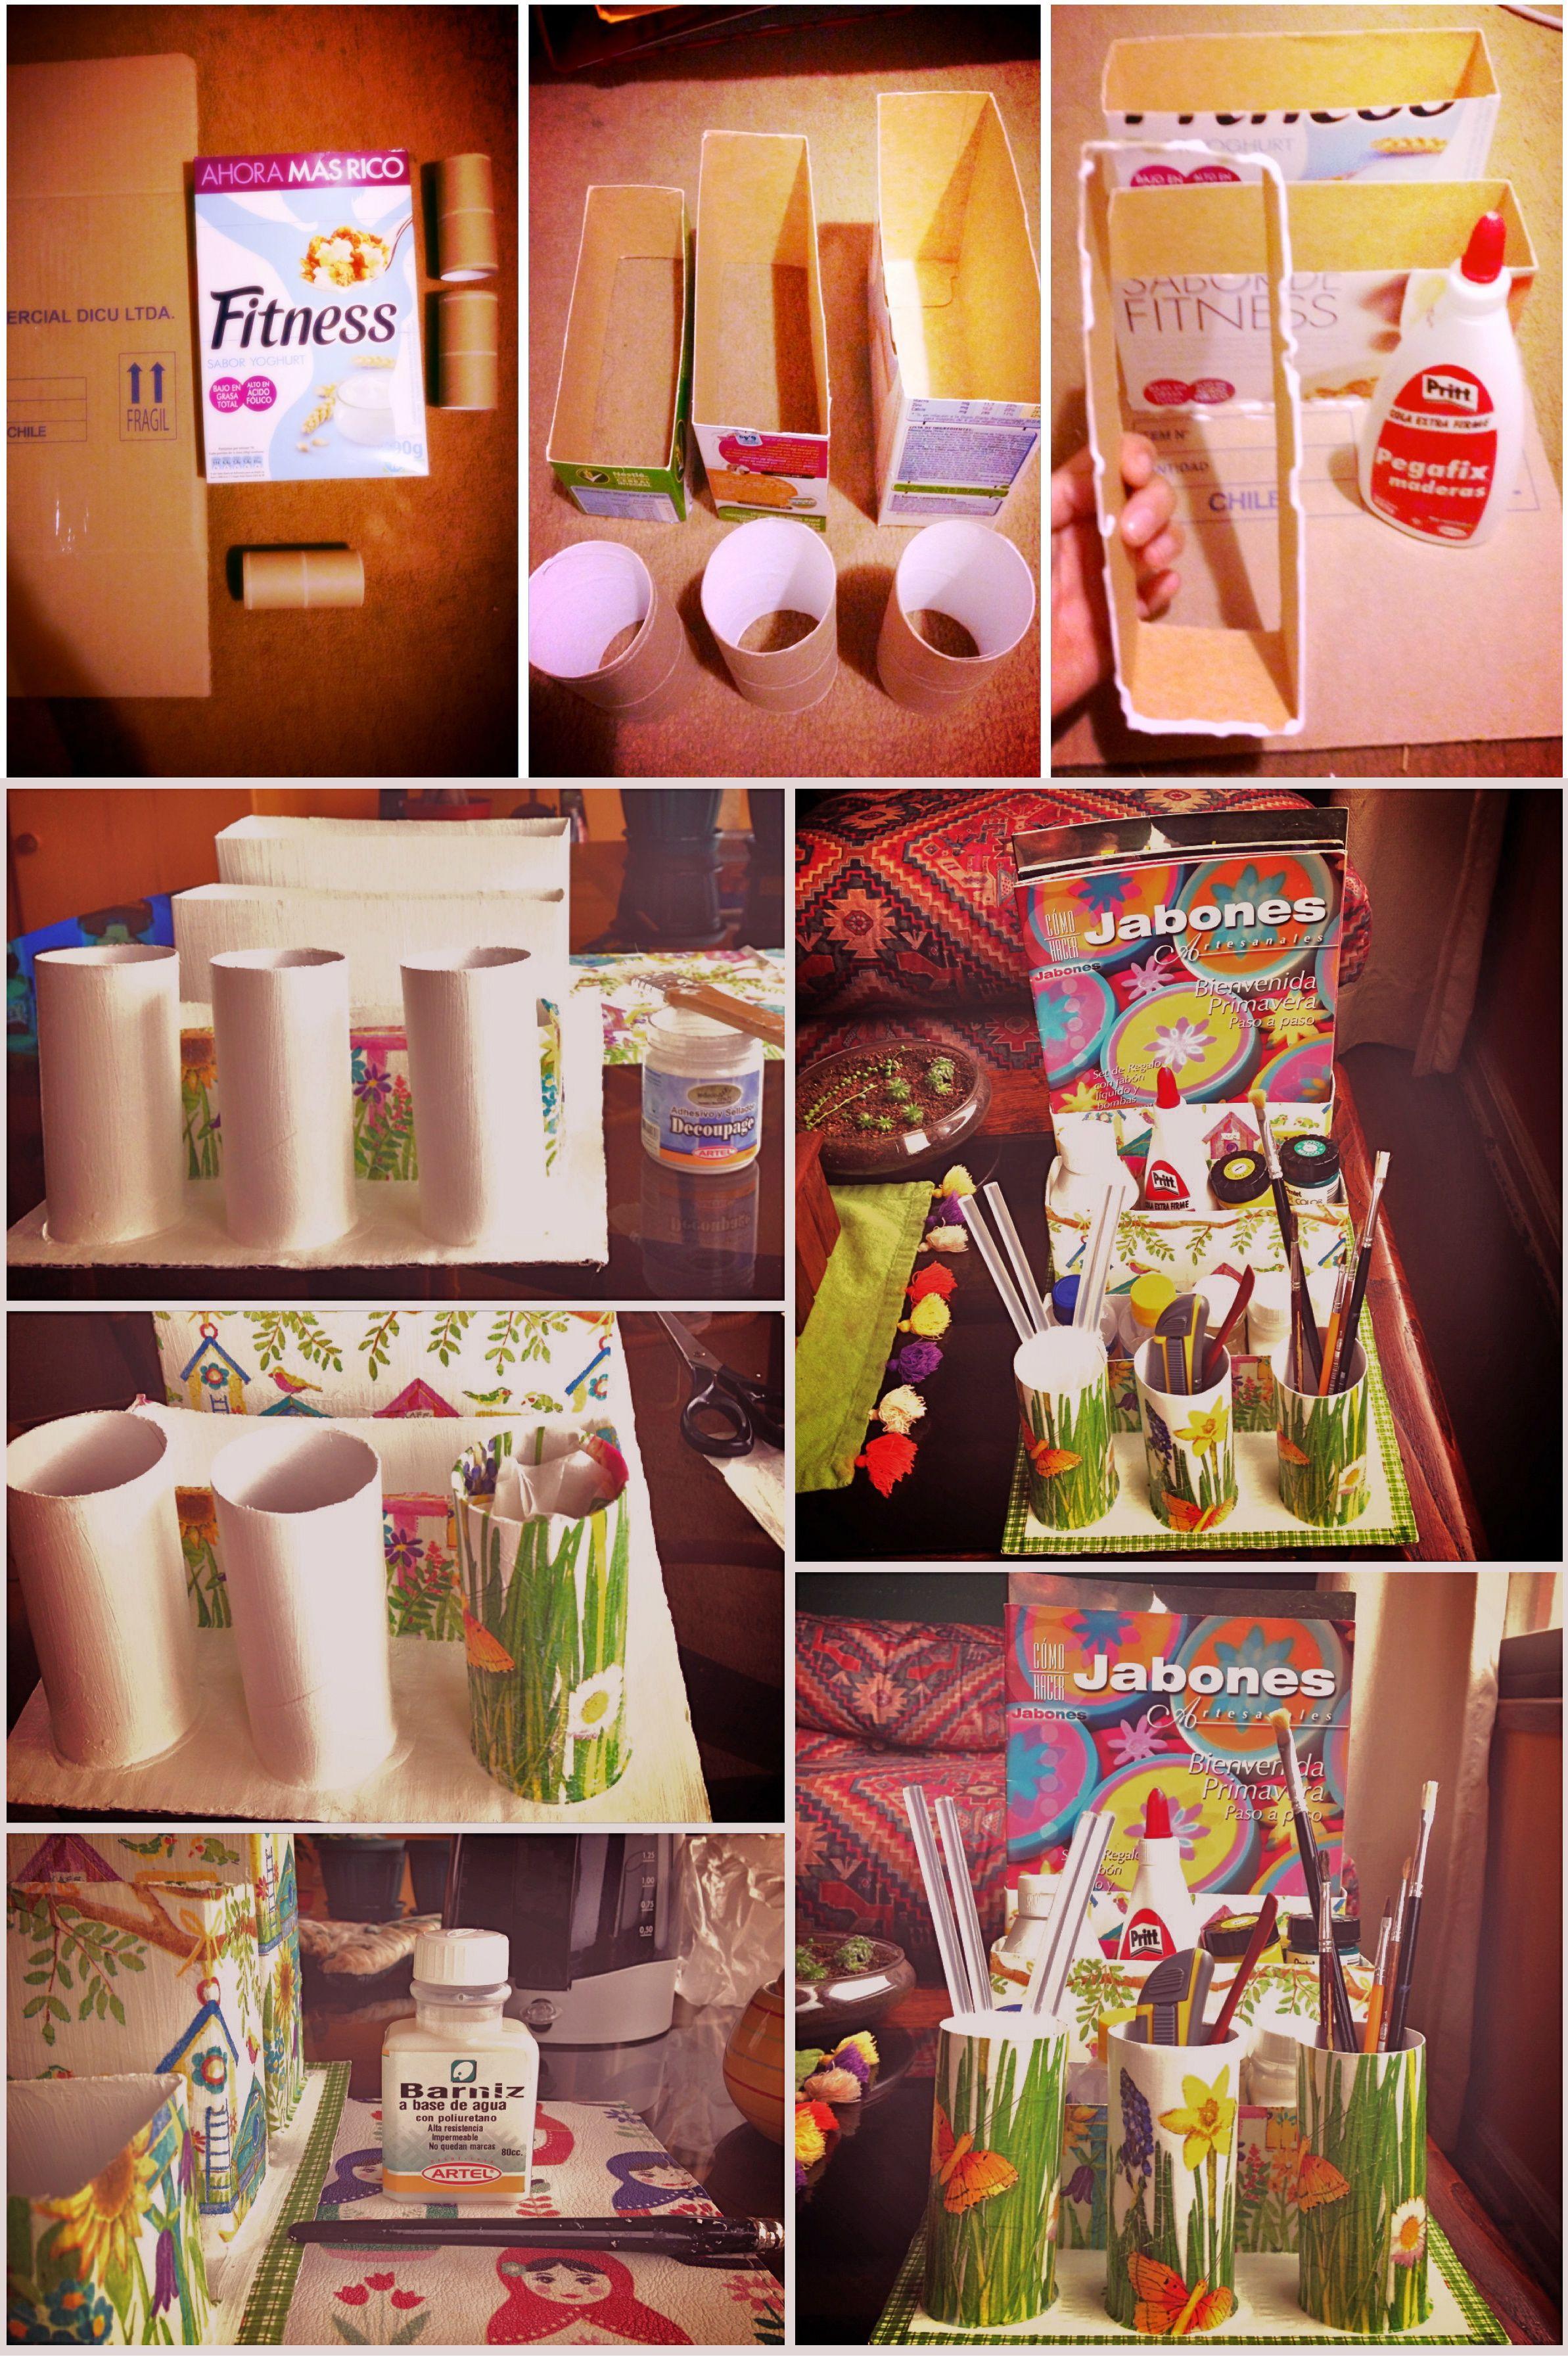 Organizardor hecho con cajas de cereales y rollos de papel higénico.Trabajo con base acrílico blanco, servilletas, y sellado con barniz al agua con poliuretano #DIY #Decoupage #Organizer #Organizador